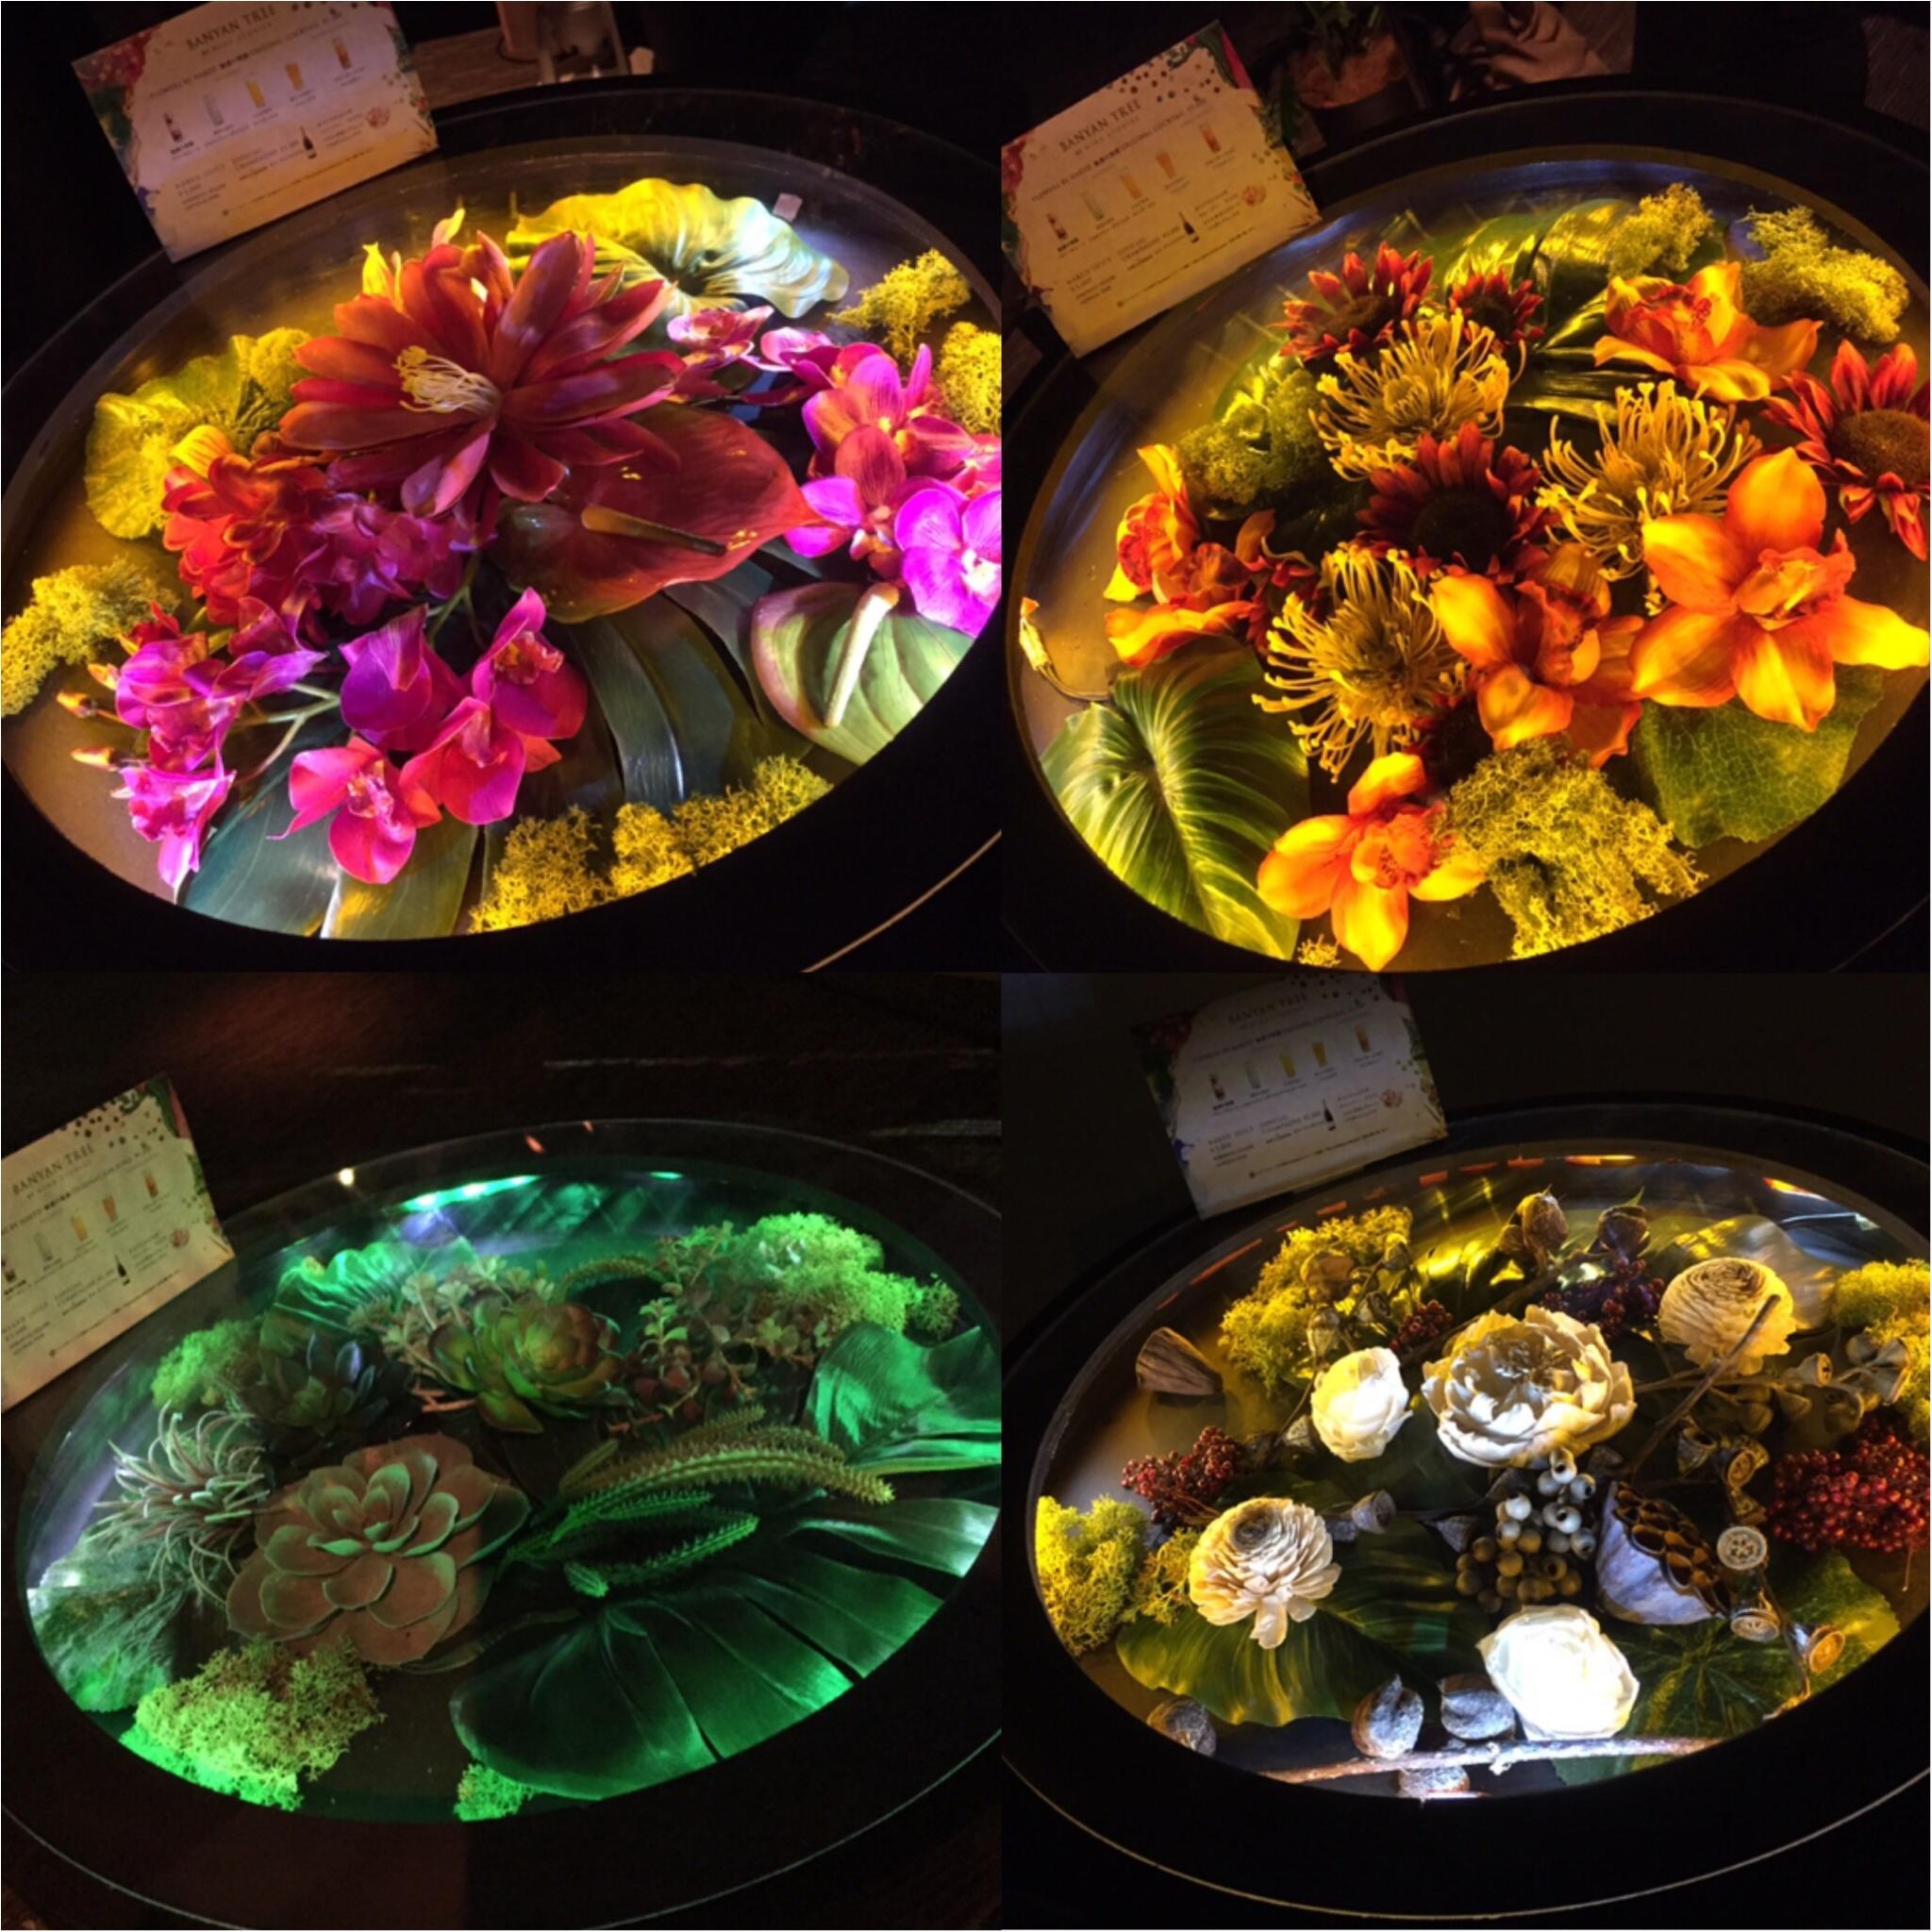 【8/31まで】五感で楽しむ花の楽園《*FLOWERS BY NAKED*》に行ってきました♪♪他にもNAKEDに出会える場所を紹介☆_13